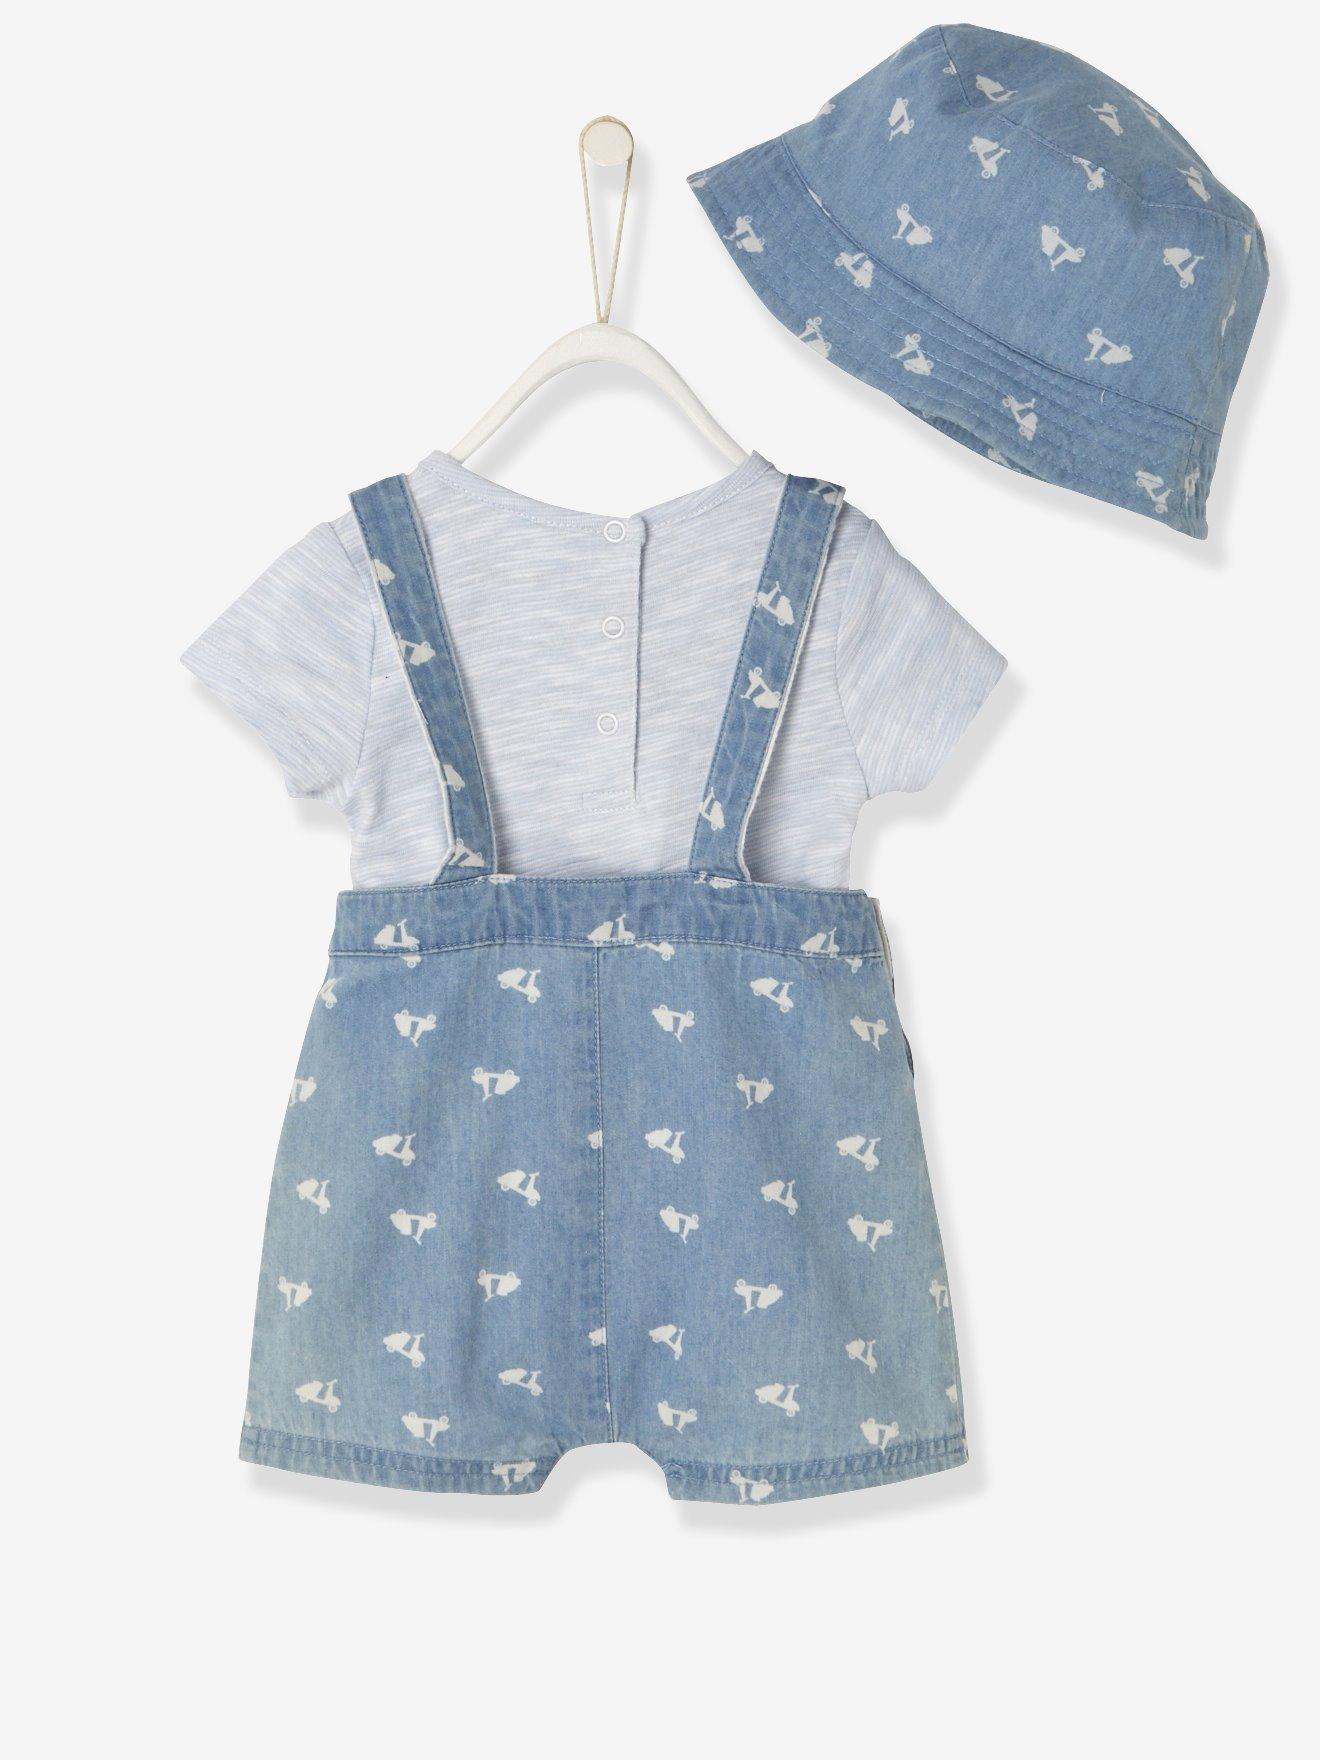 3 teiliges Babyoutfit Hose, T-Shirt und Hut